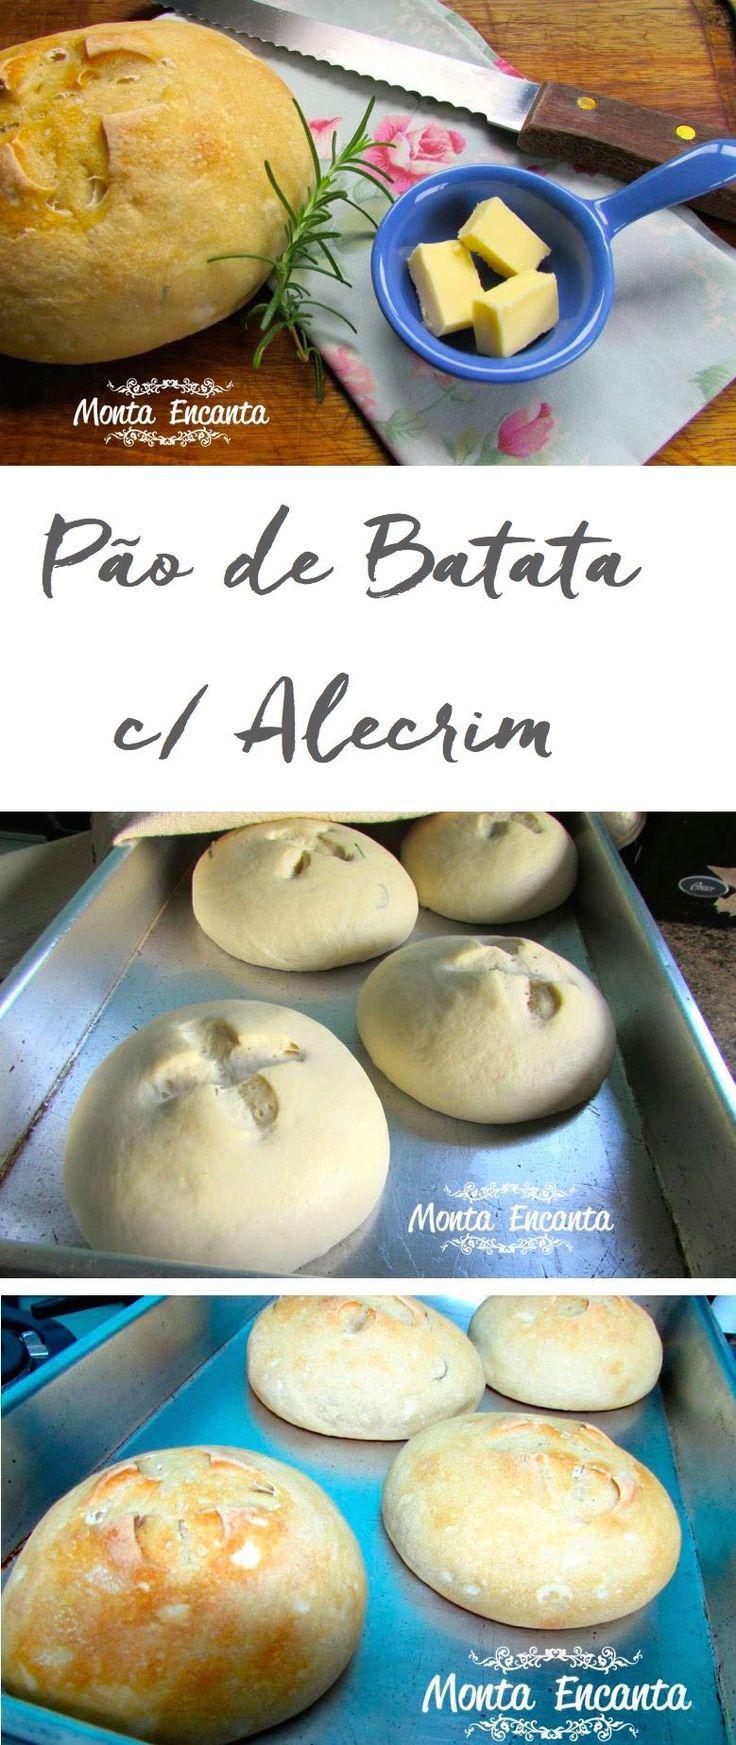 Para hoje eu trago pão de batata com alecrim, essa receita da Julice Vaz, que eu conheci através da Revista Casa e Comida que eu amo!